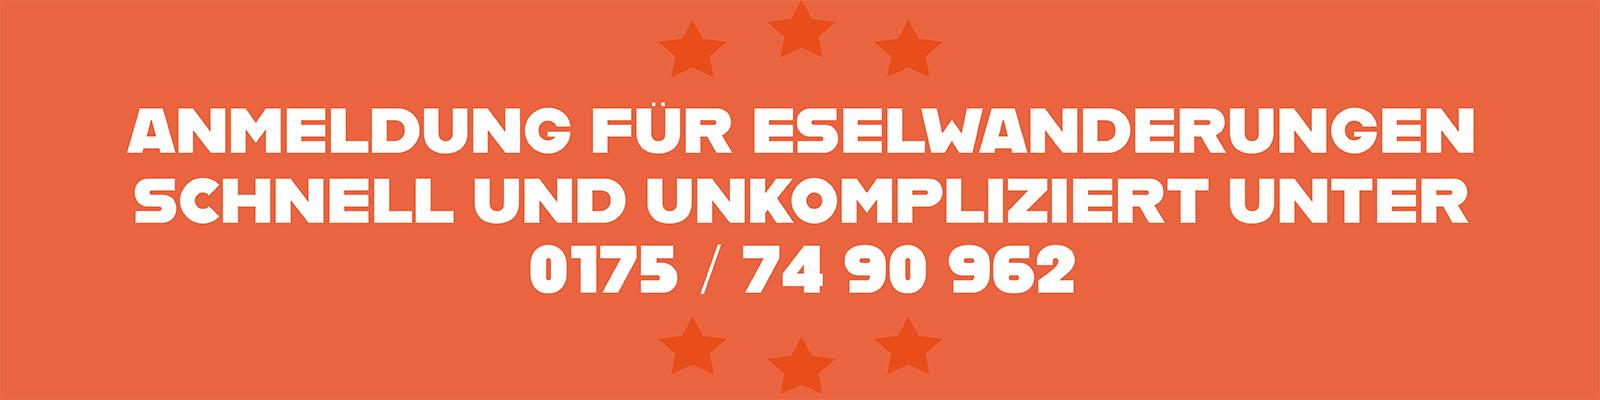 Anmeldung für Eselwanderungen schnell und unkompliziert unter Tel. 0175 / 74 90 962